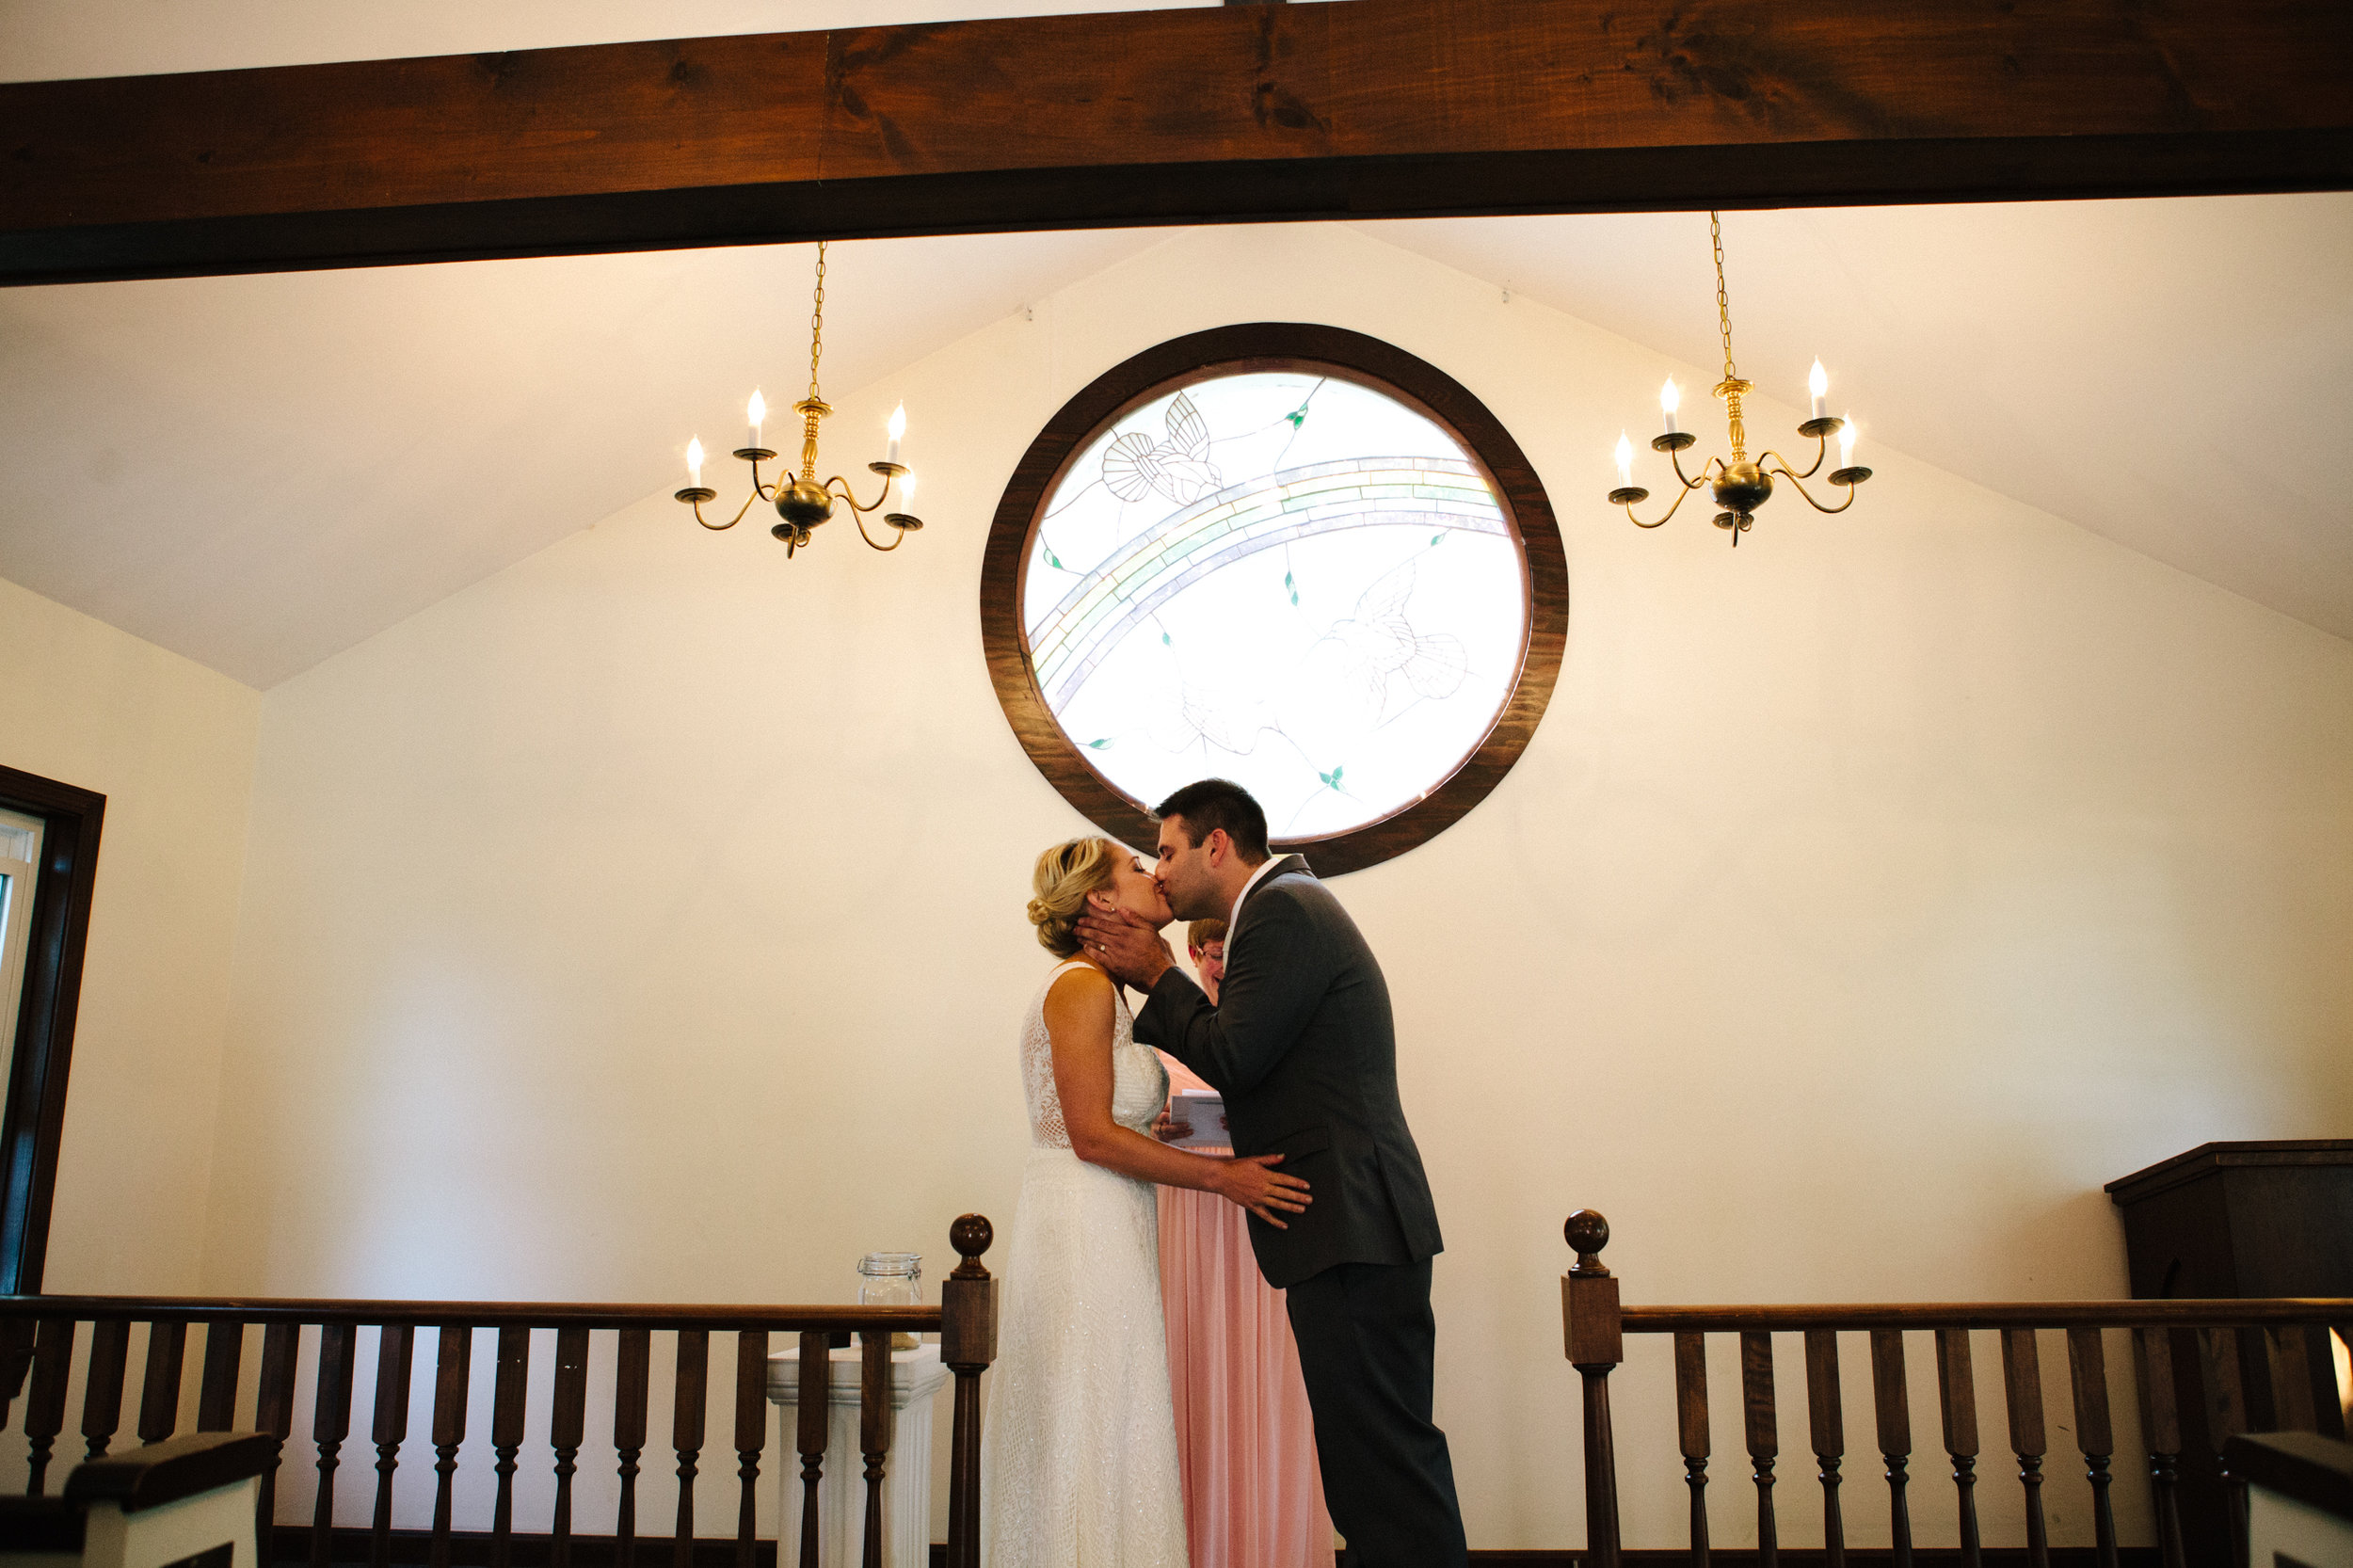 all-faiths-chapel-wedding-south-portland-maine-photography-749.jpg